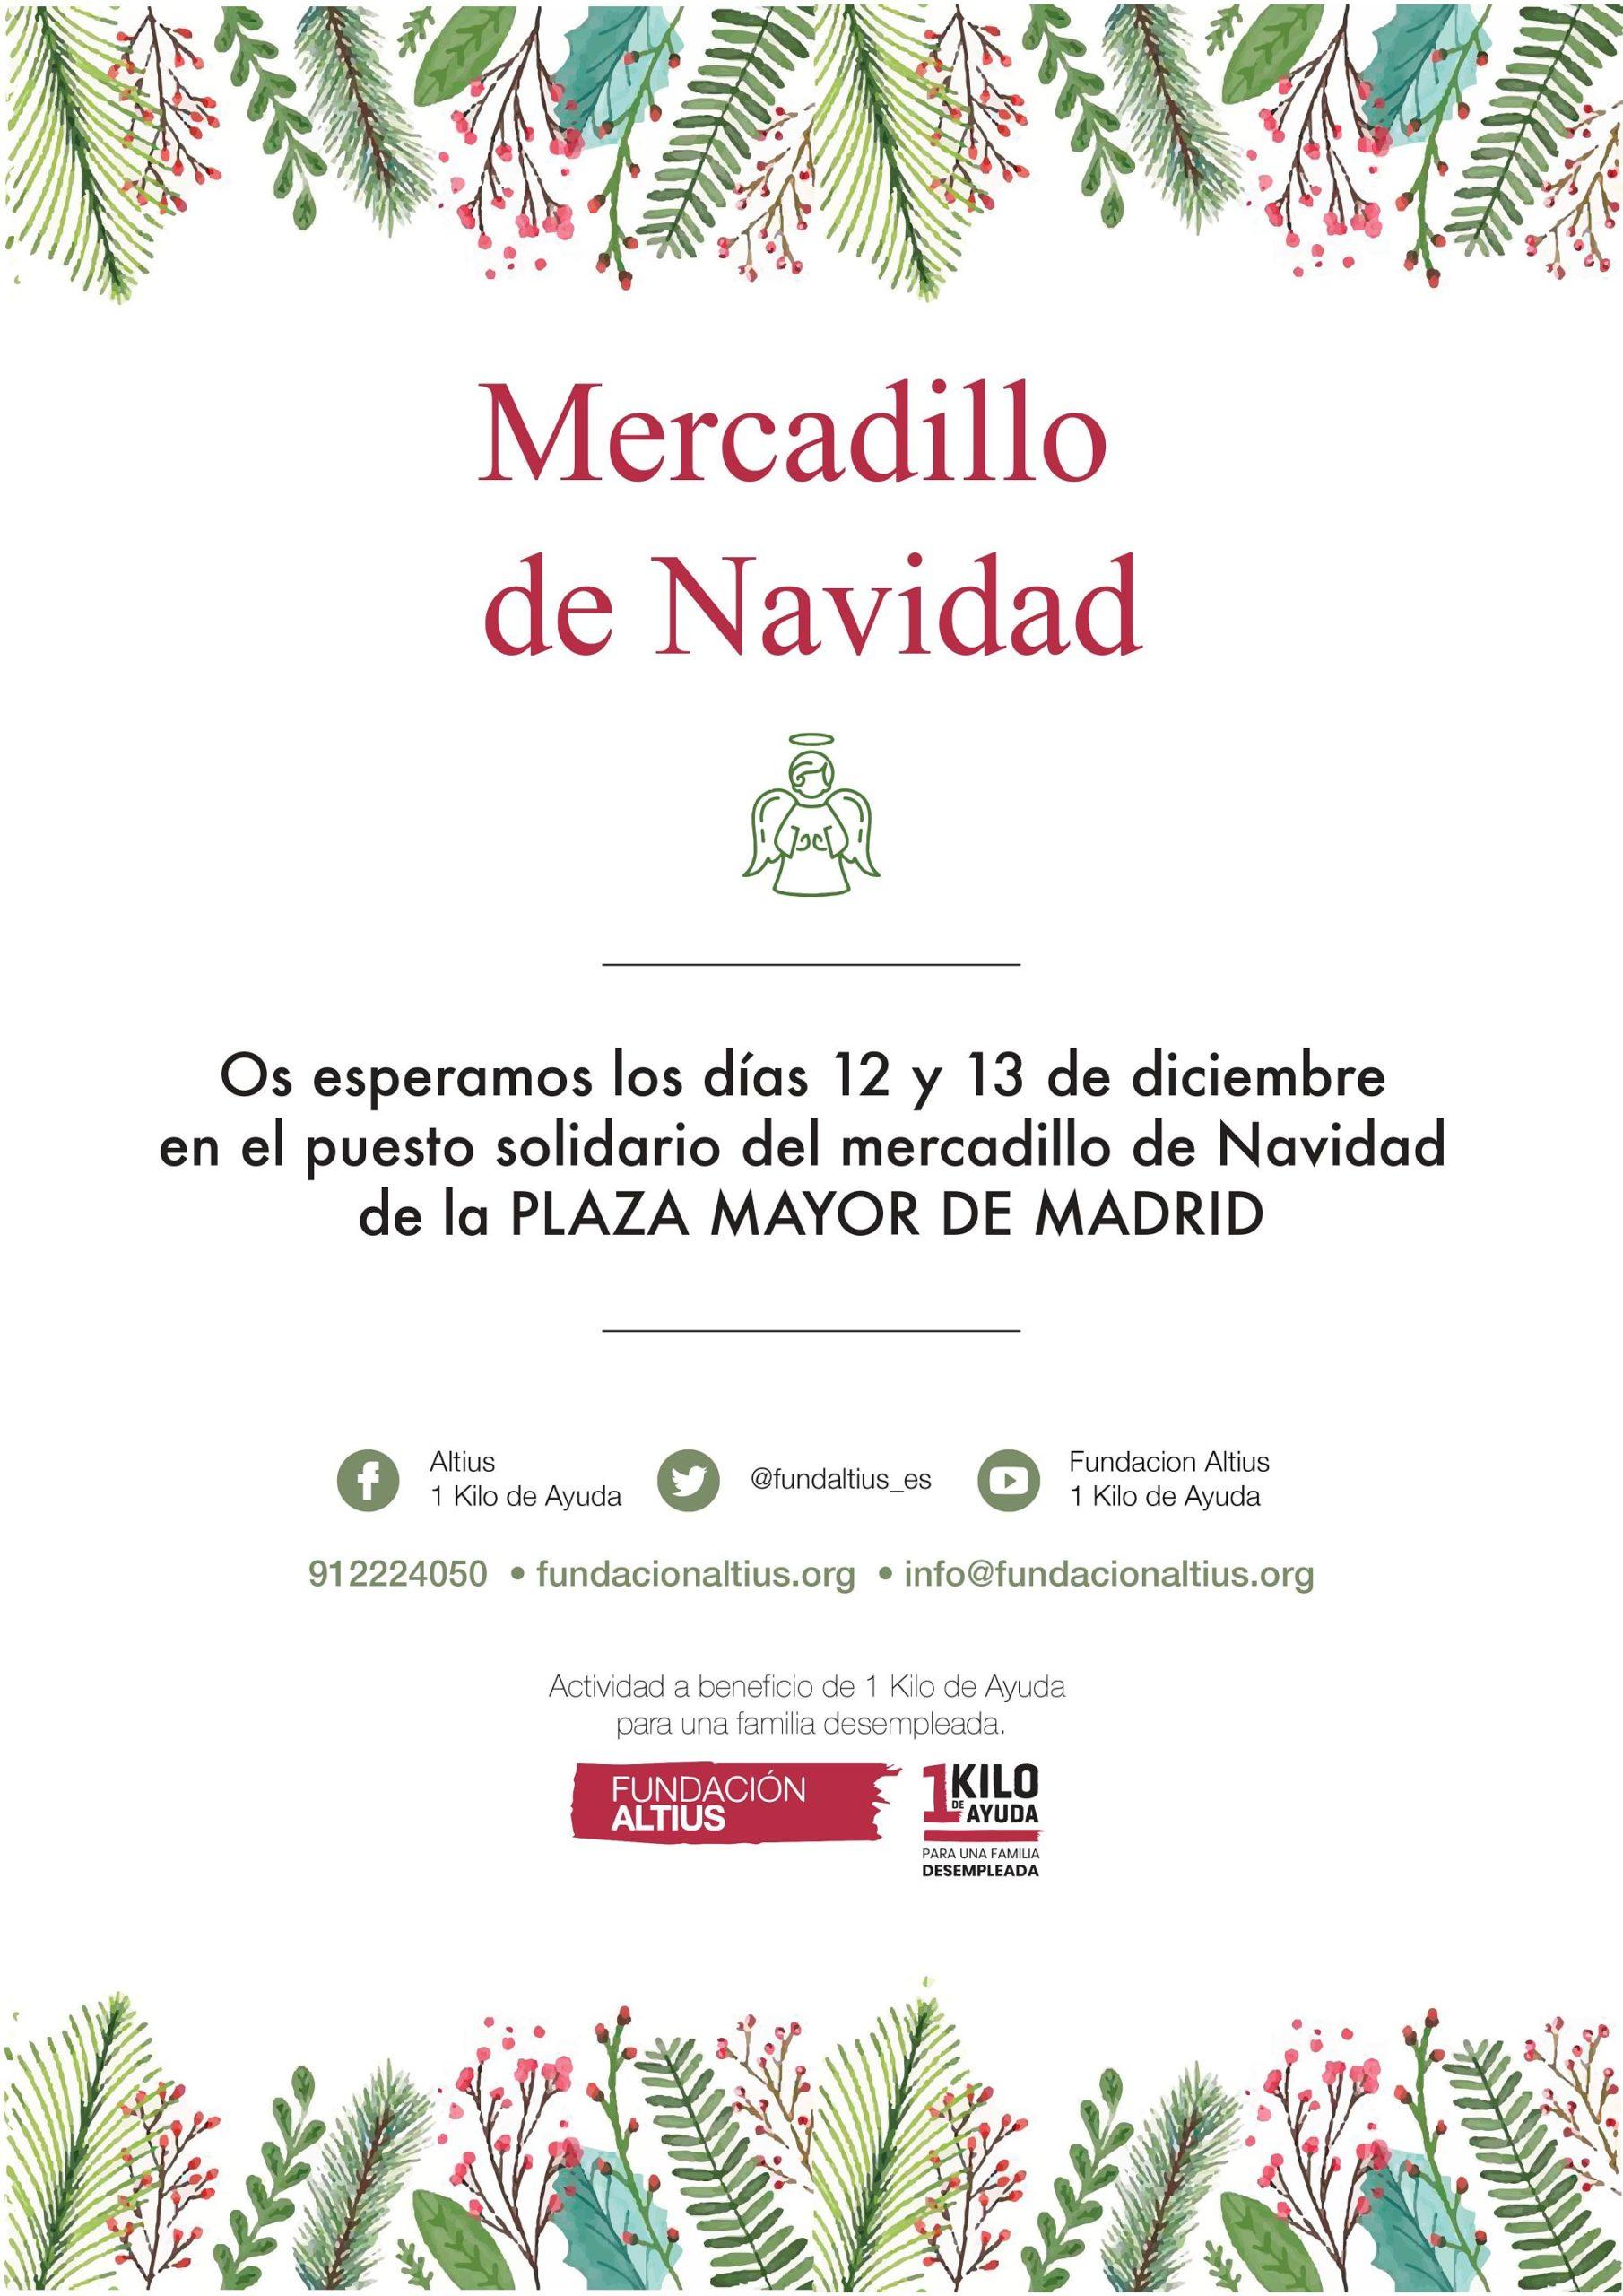 Altius estará presente en el Mercadillo Navideño de la Plaza Mayor de Madrid